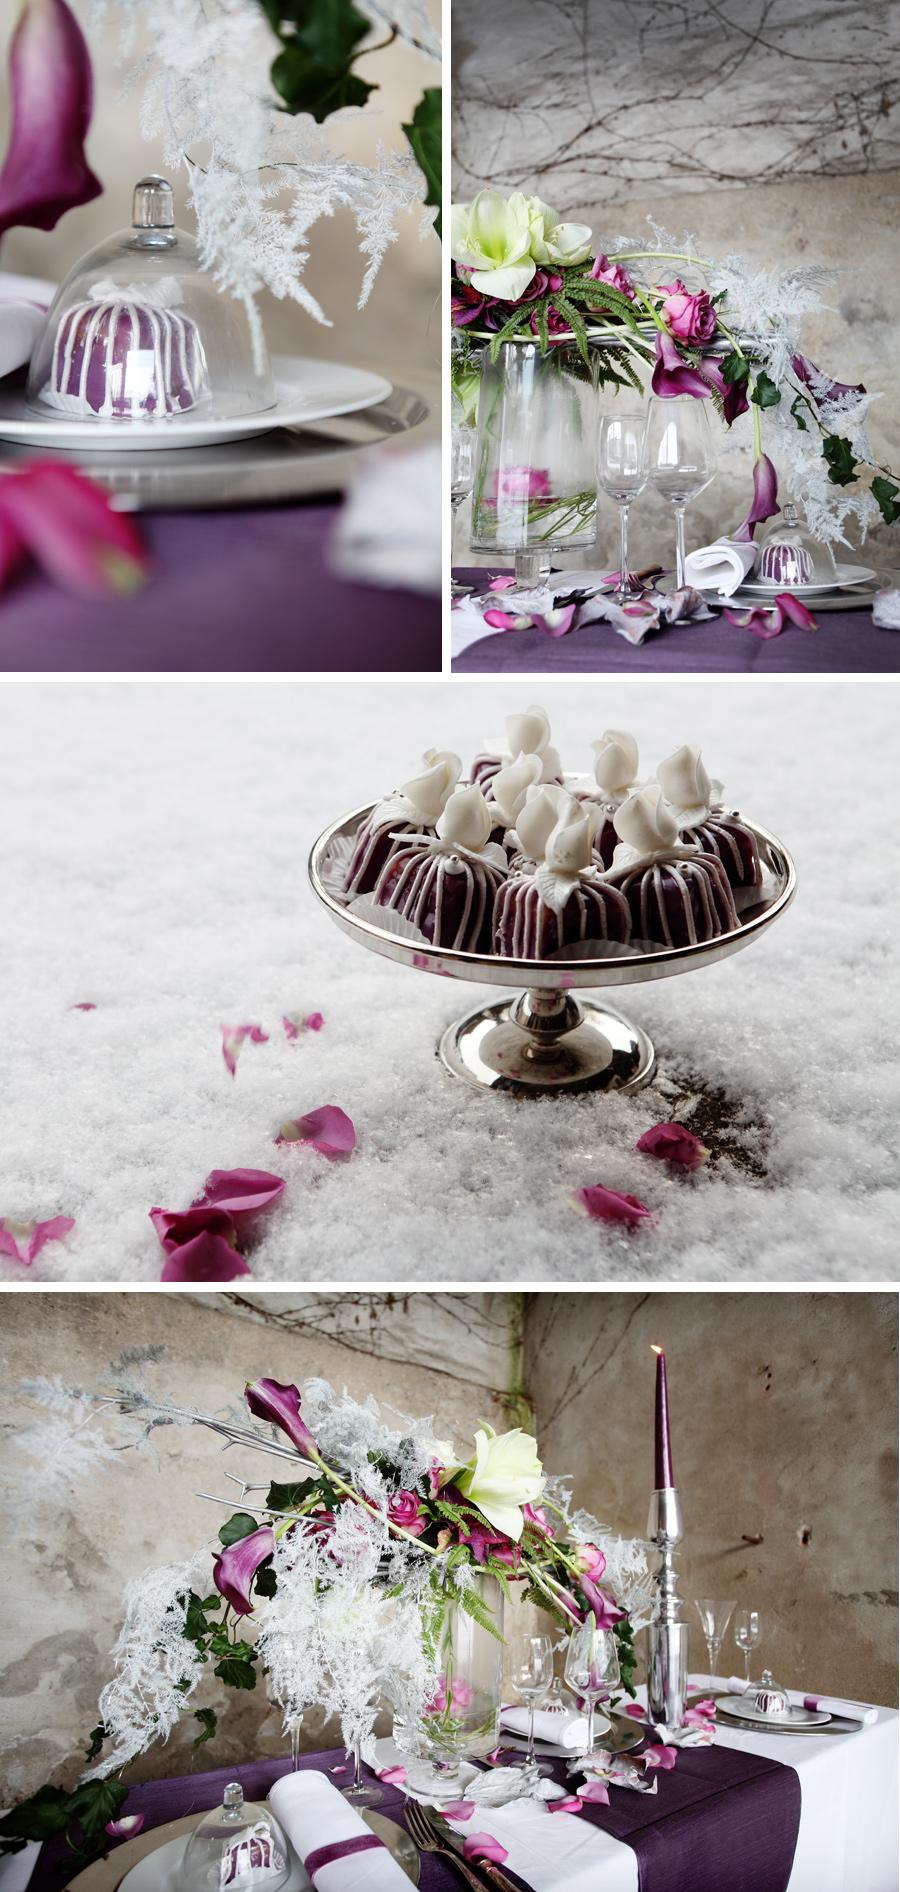 39 tischdeko made by frl k 39 nr 1 edel mit federn holz und silber hochzeitsblog fr ulein k. Black Bedroom Furniture Sets. Home Design Ideas